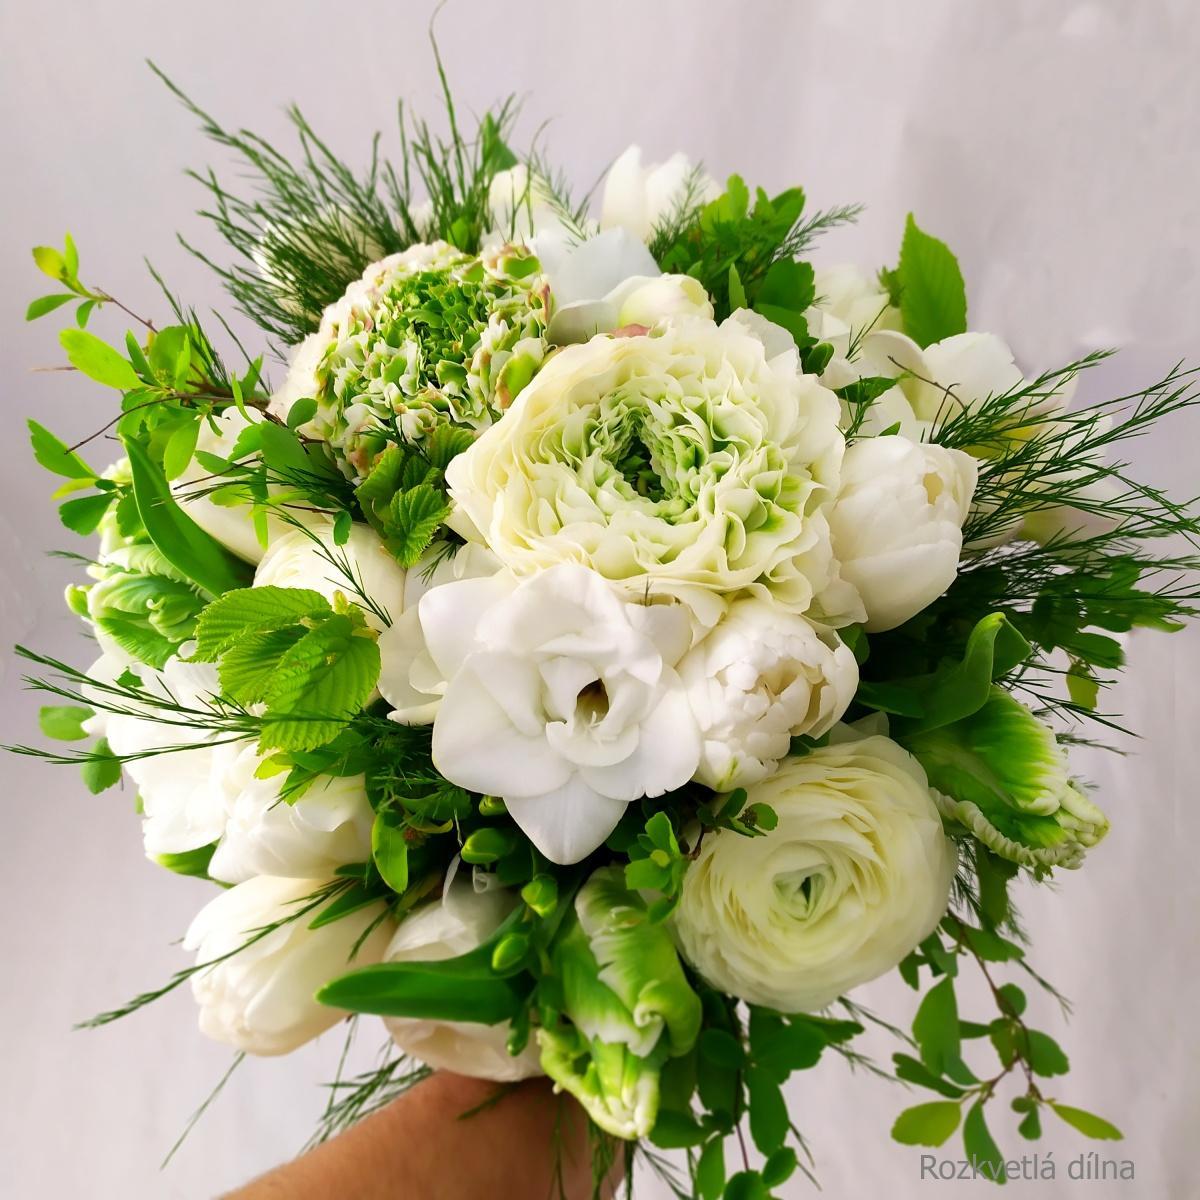 Šťavnatá jarní svatba - Obrázek č. 1